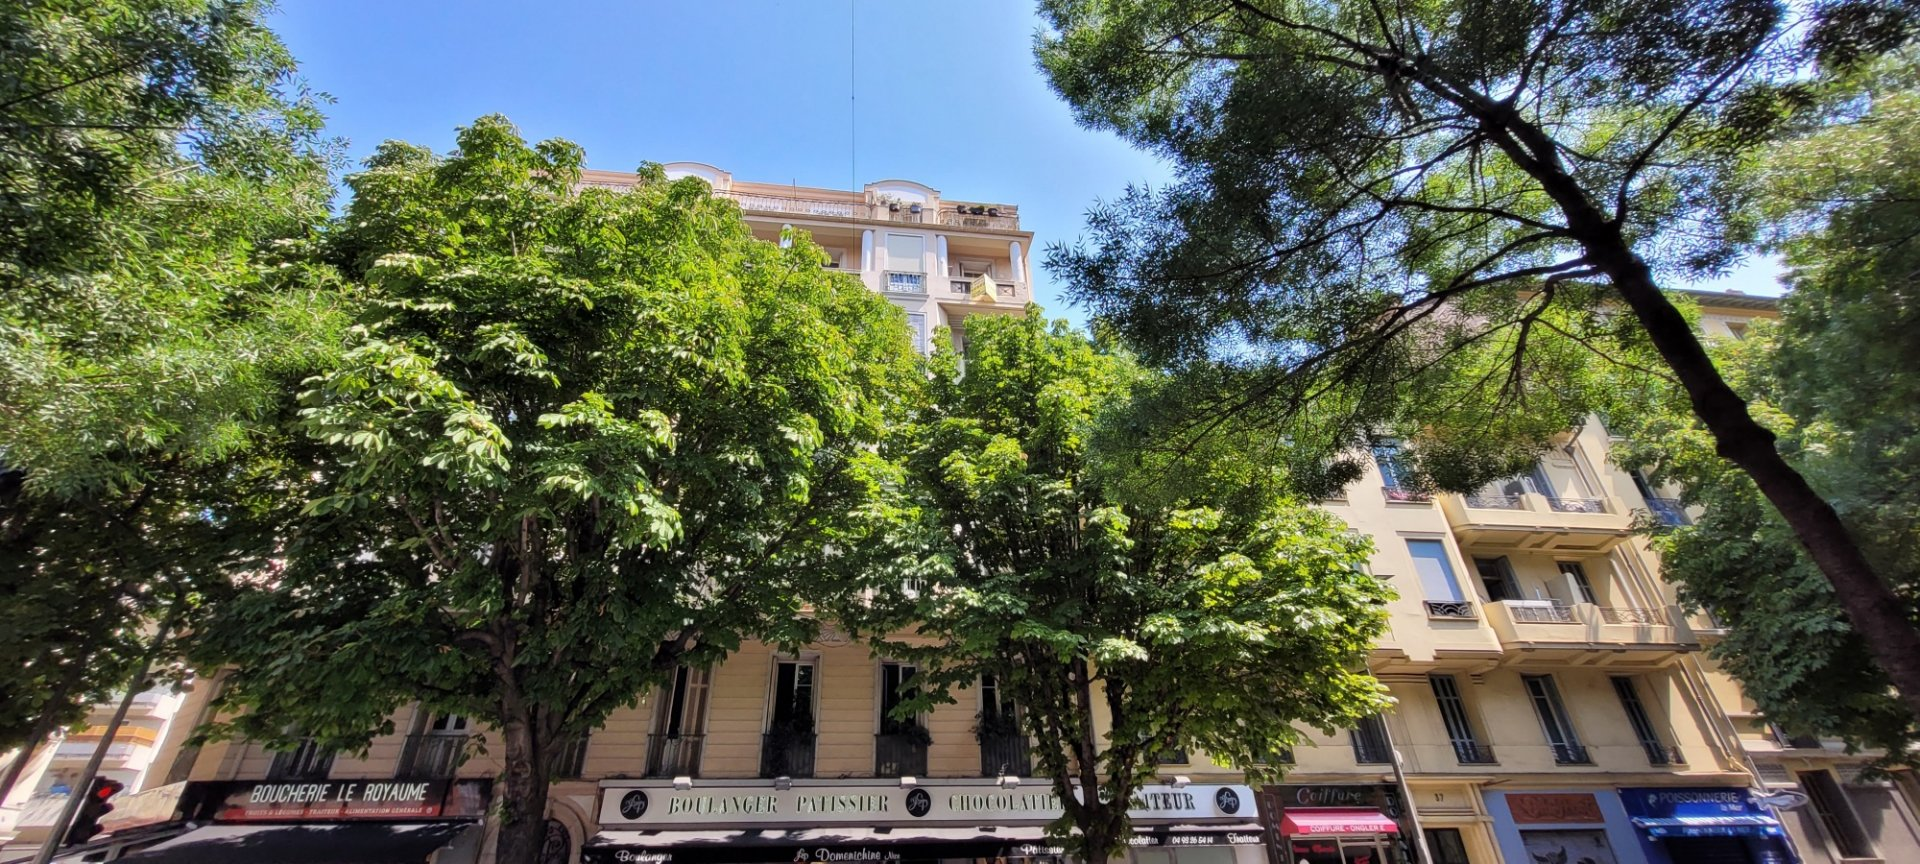 Vente à Nice , 4 pièces meublé 83.14m² situé quartier tnl